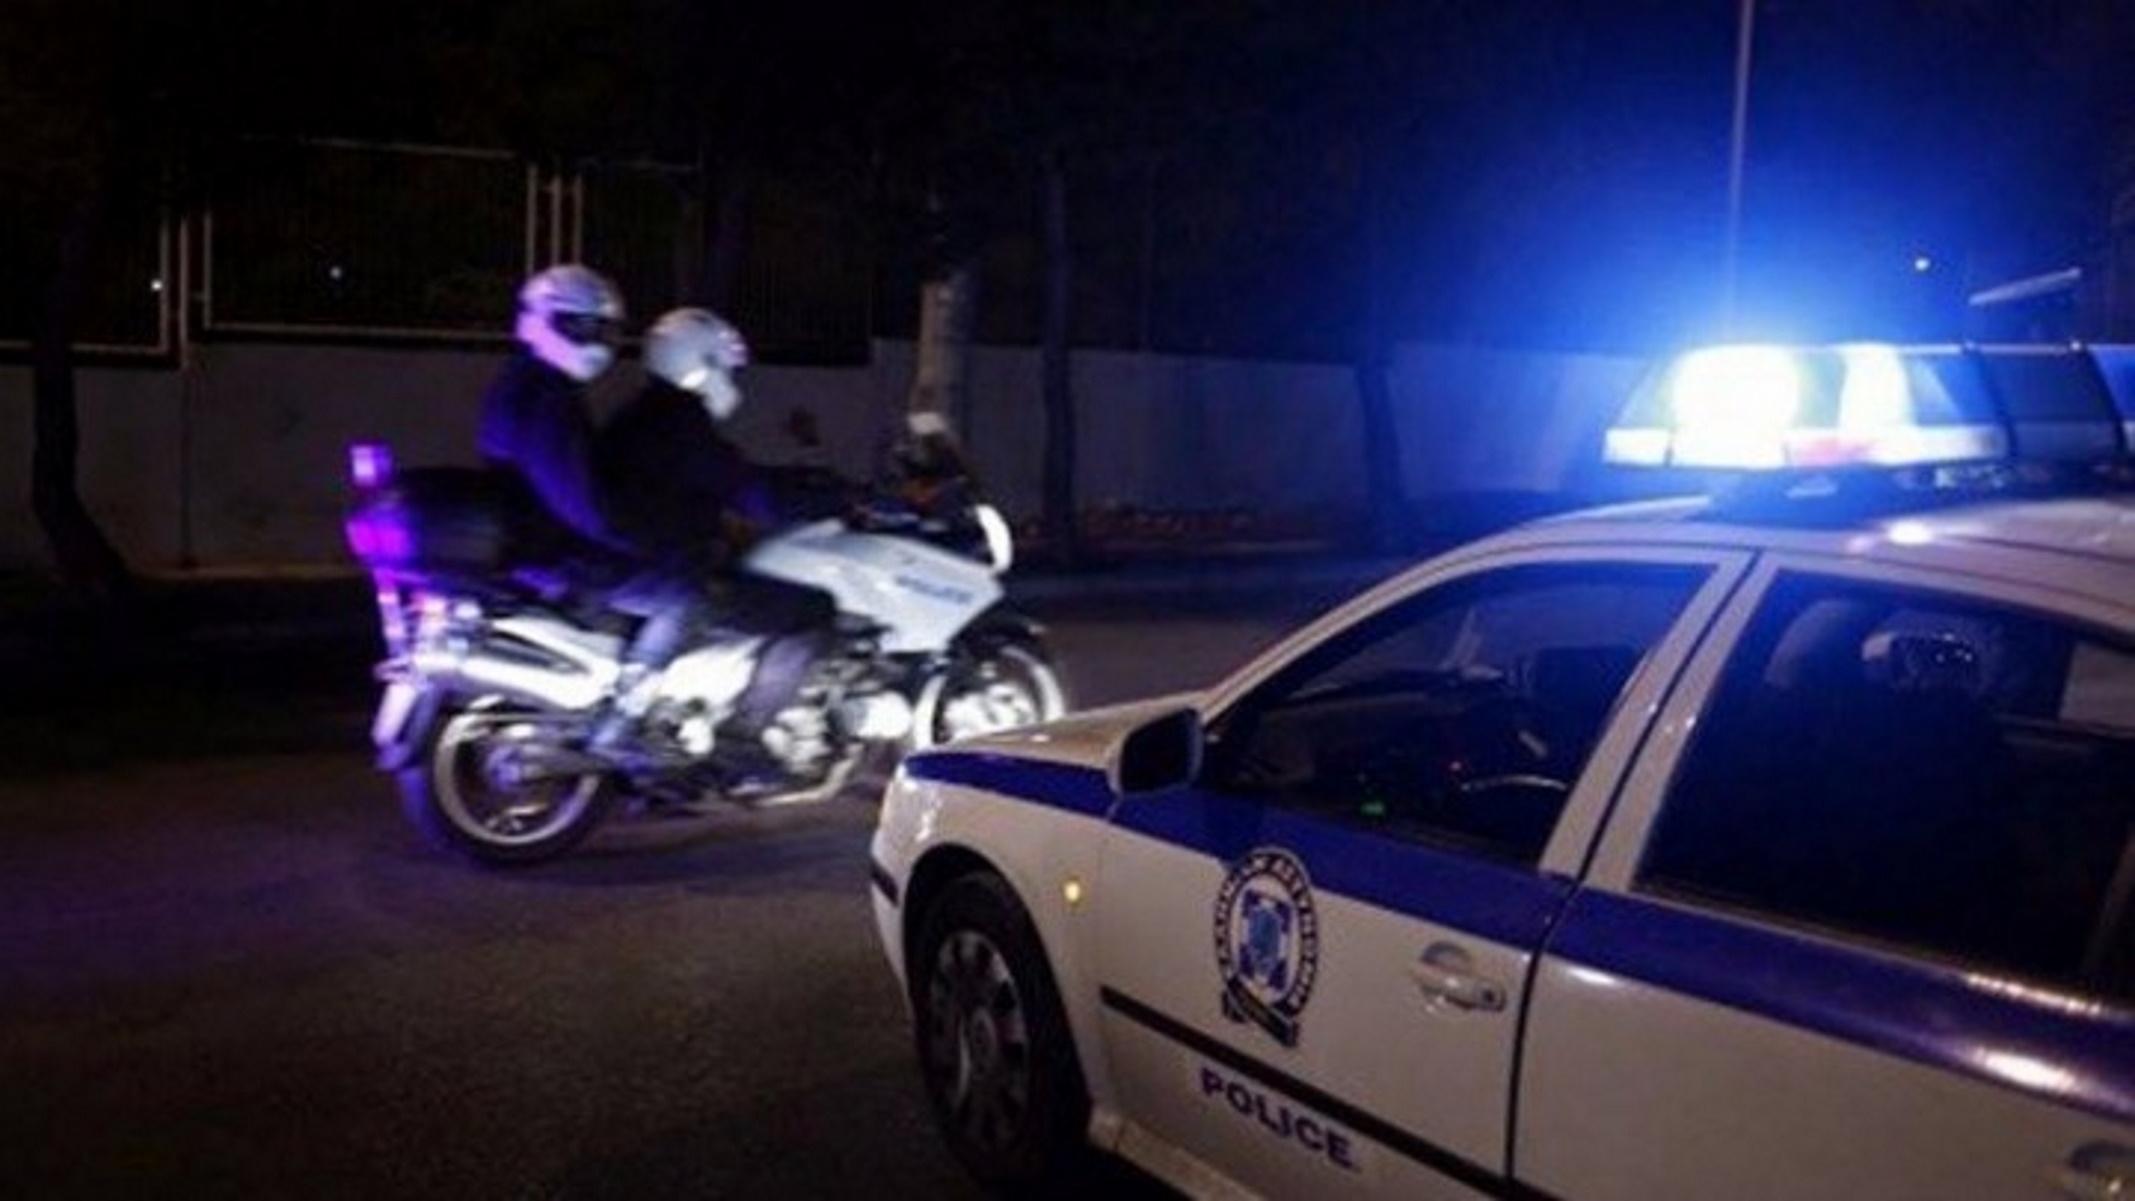 Κορονοϊός: Οκτώ συλλήψεις και πρόστιμα 413.900 ευρώ στους ελέγχους για την τήρηση των μέτρων